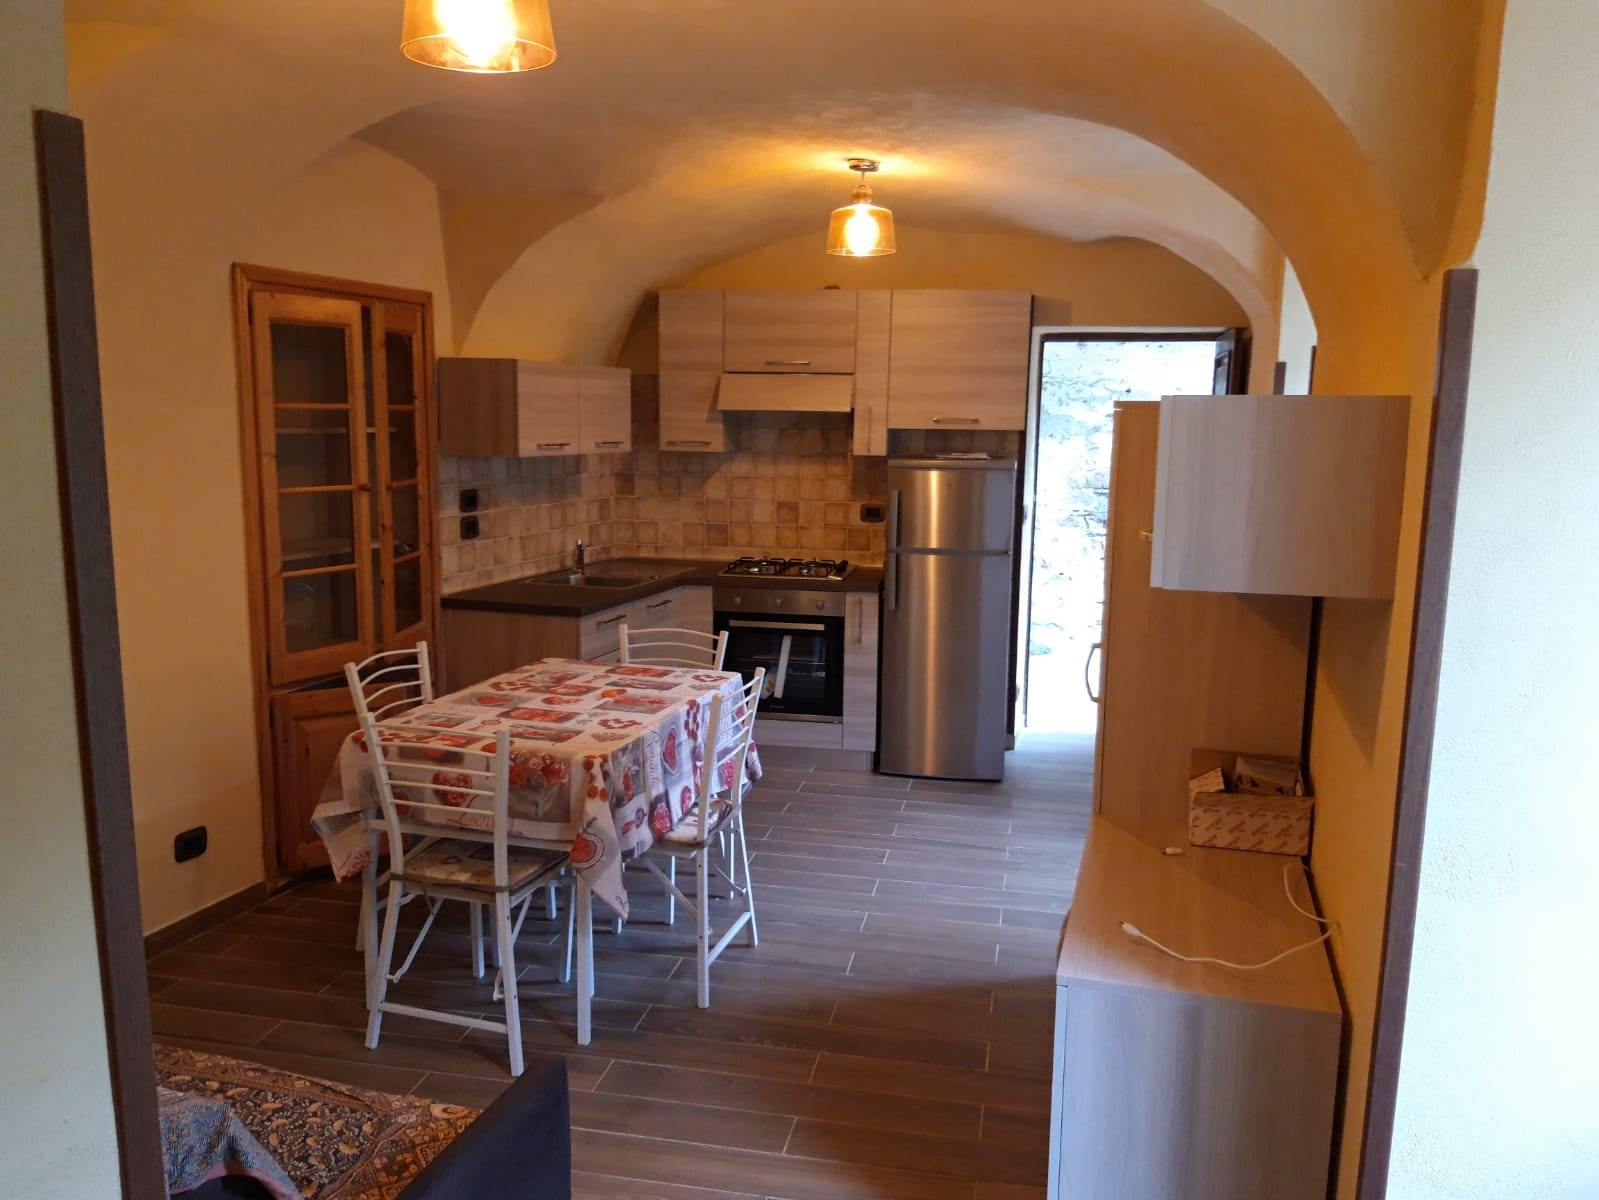 Appartamento in vendita a Ventimiglia, 2 locali, zona andi, prezzo € 98.000 | PortaleAgenzieImmobiliari.it